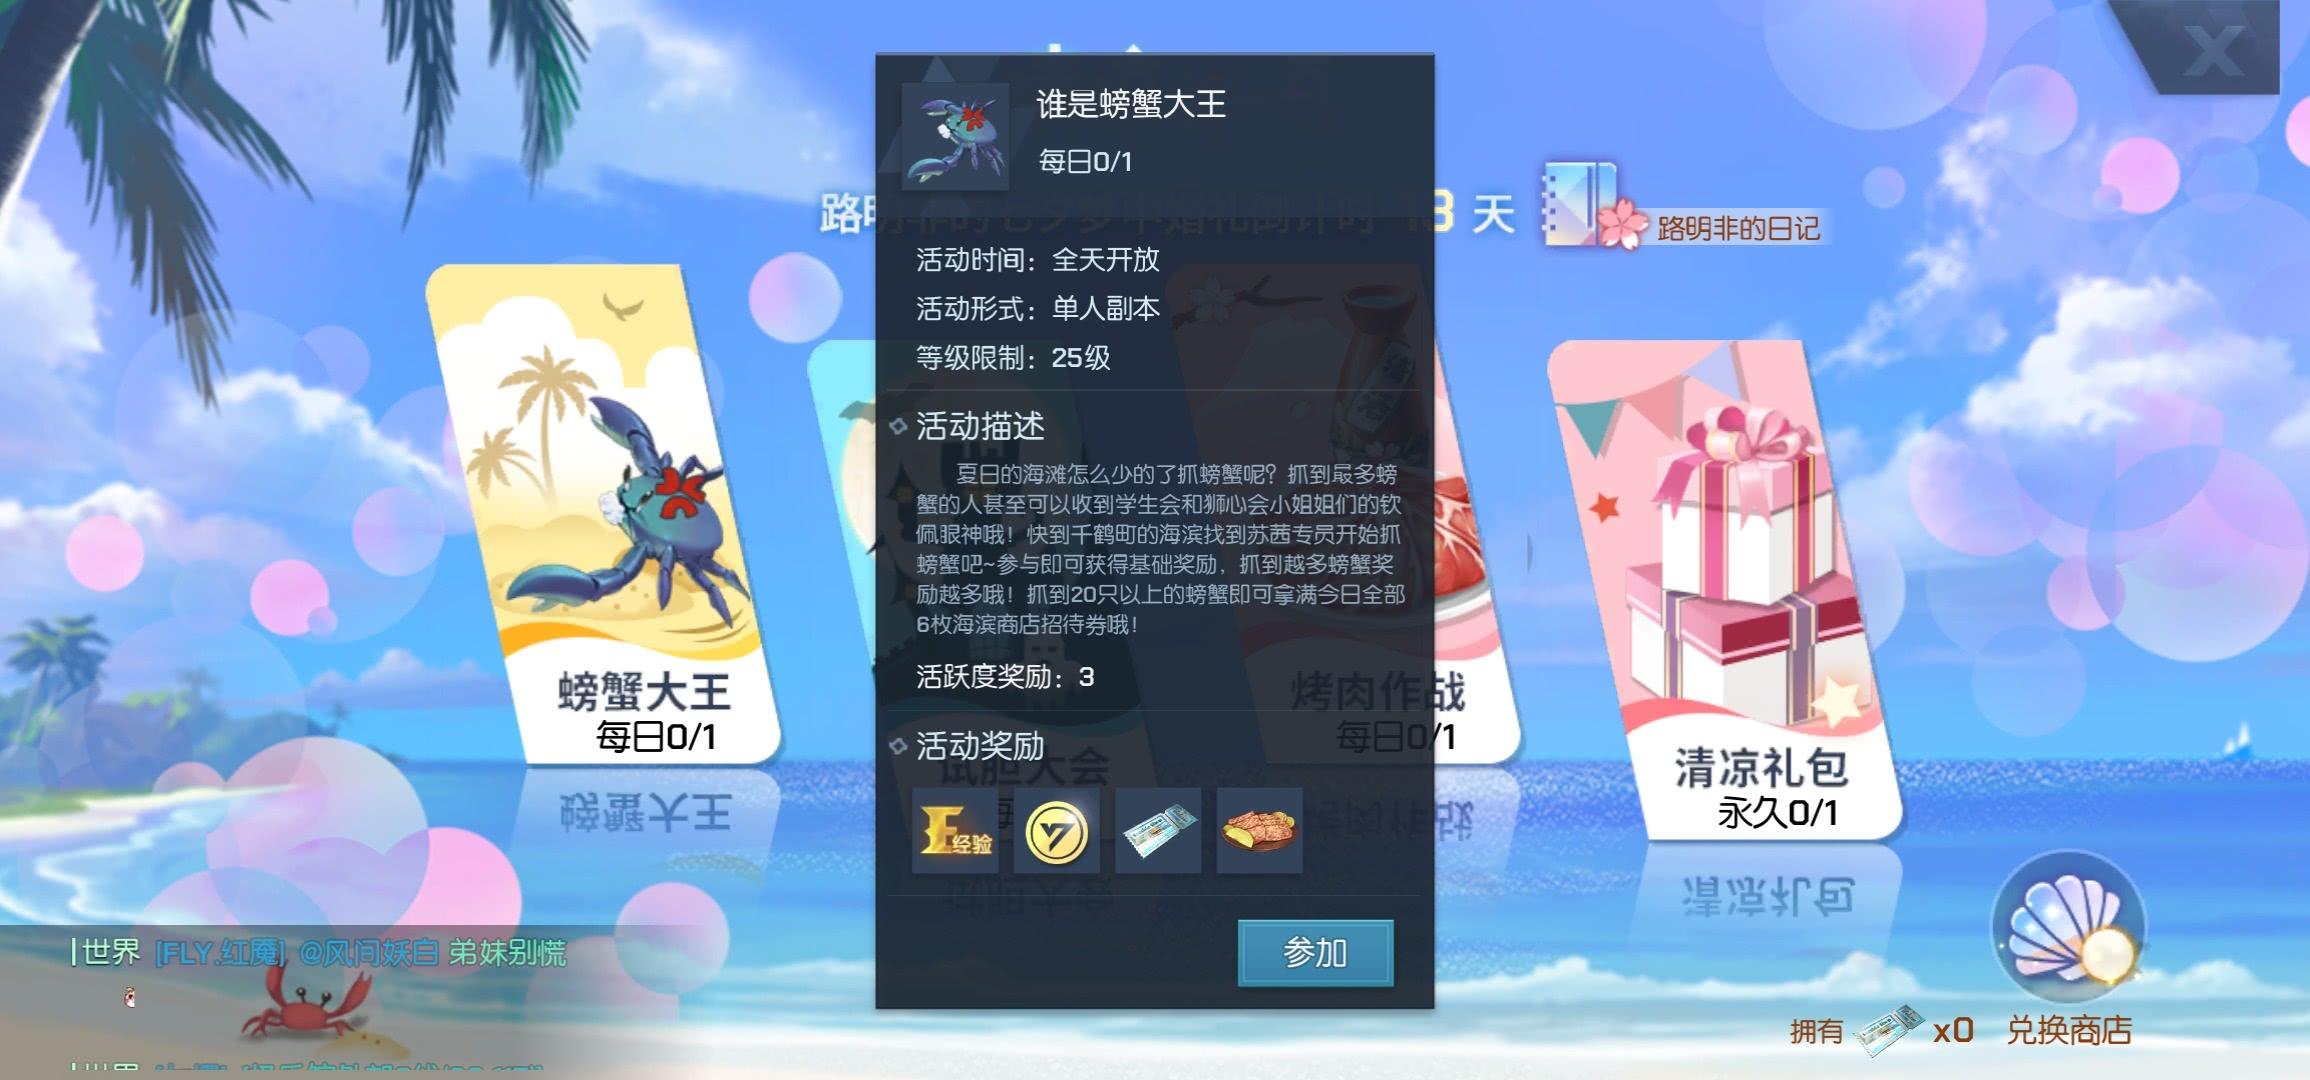 龙族幻想:路明非新活动,钻石道具白送!票不多?兑换这些涨评分